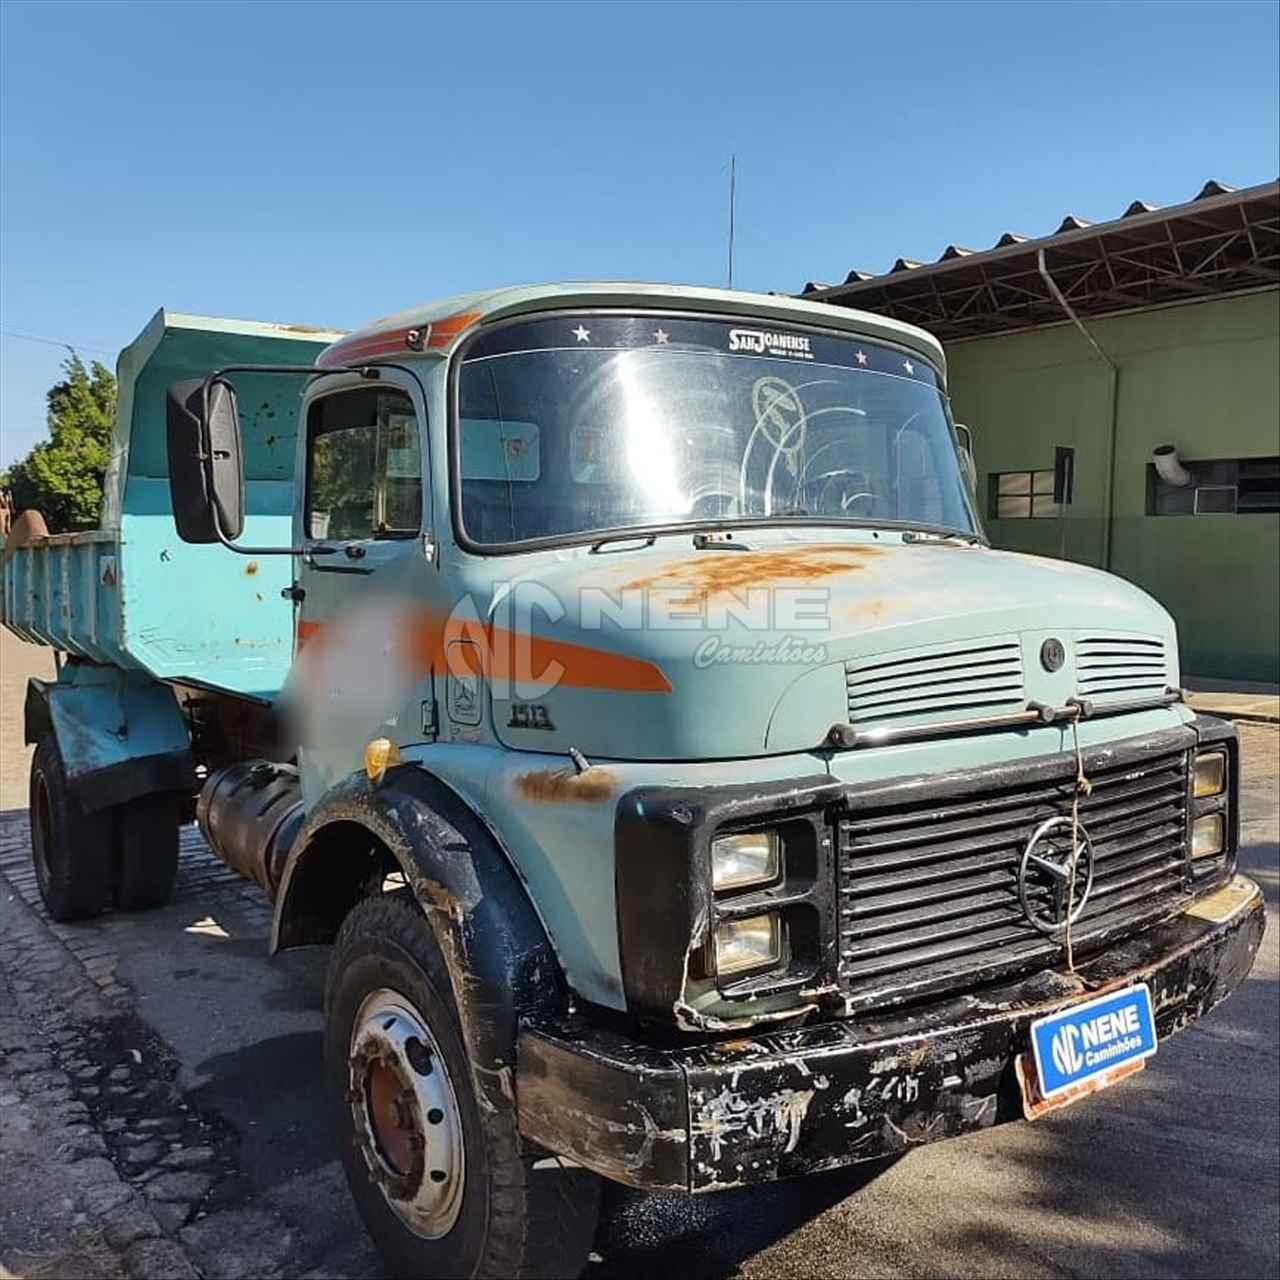 CAMINHAO MERCEDES-BENZ MB 1513 Caçamba Basculante Toco 4x2 Nene Caminhões SAO JOAO DA BOA VISTA SÃO PAULO SP